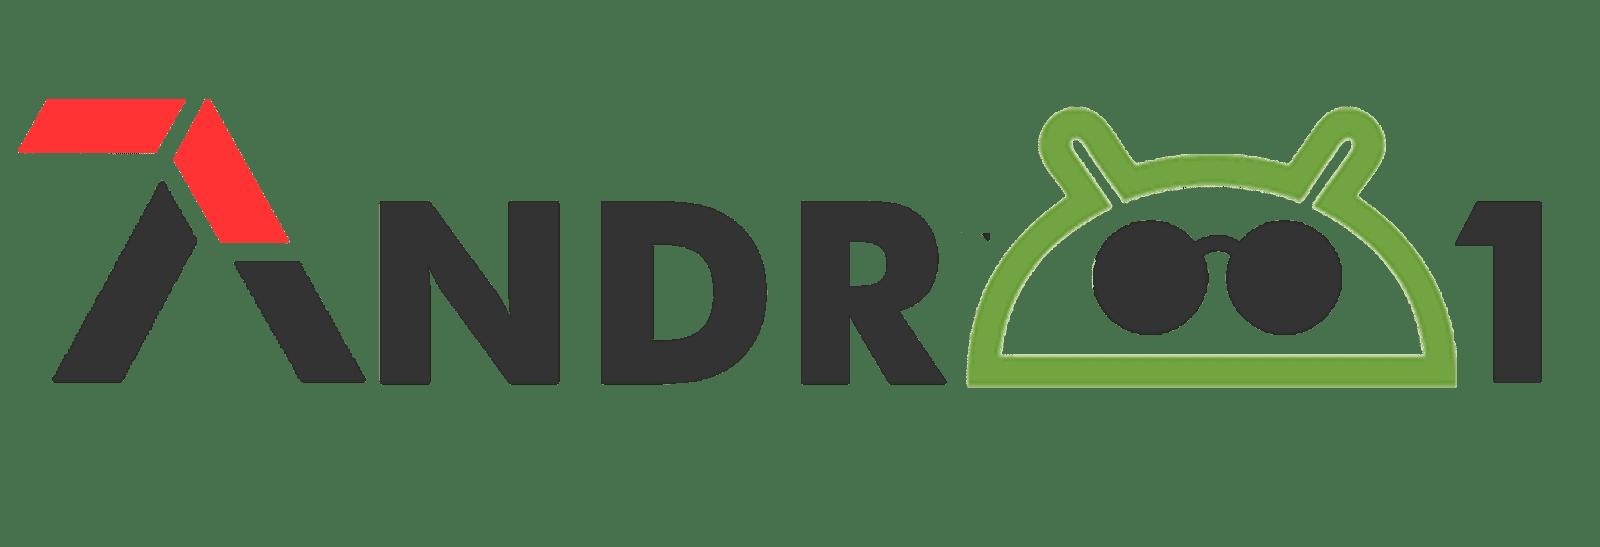 Andro01 - Website Portal Berita Gadget dan Teknologi